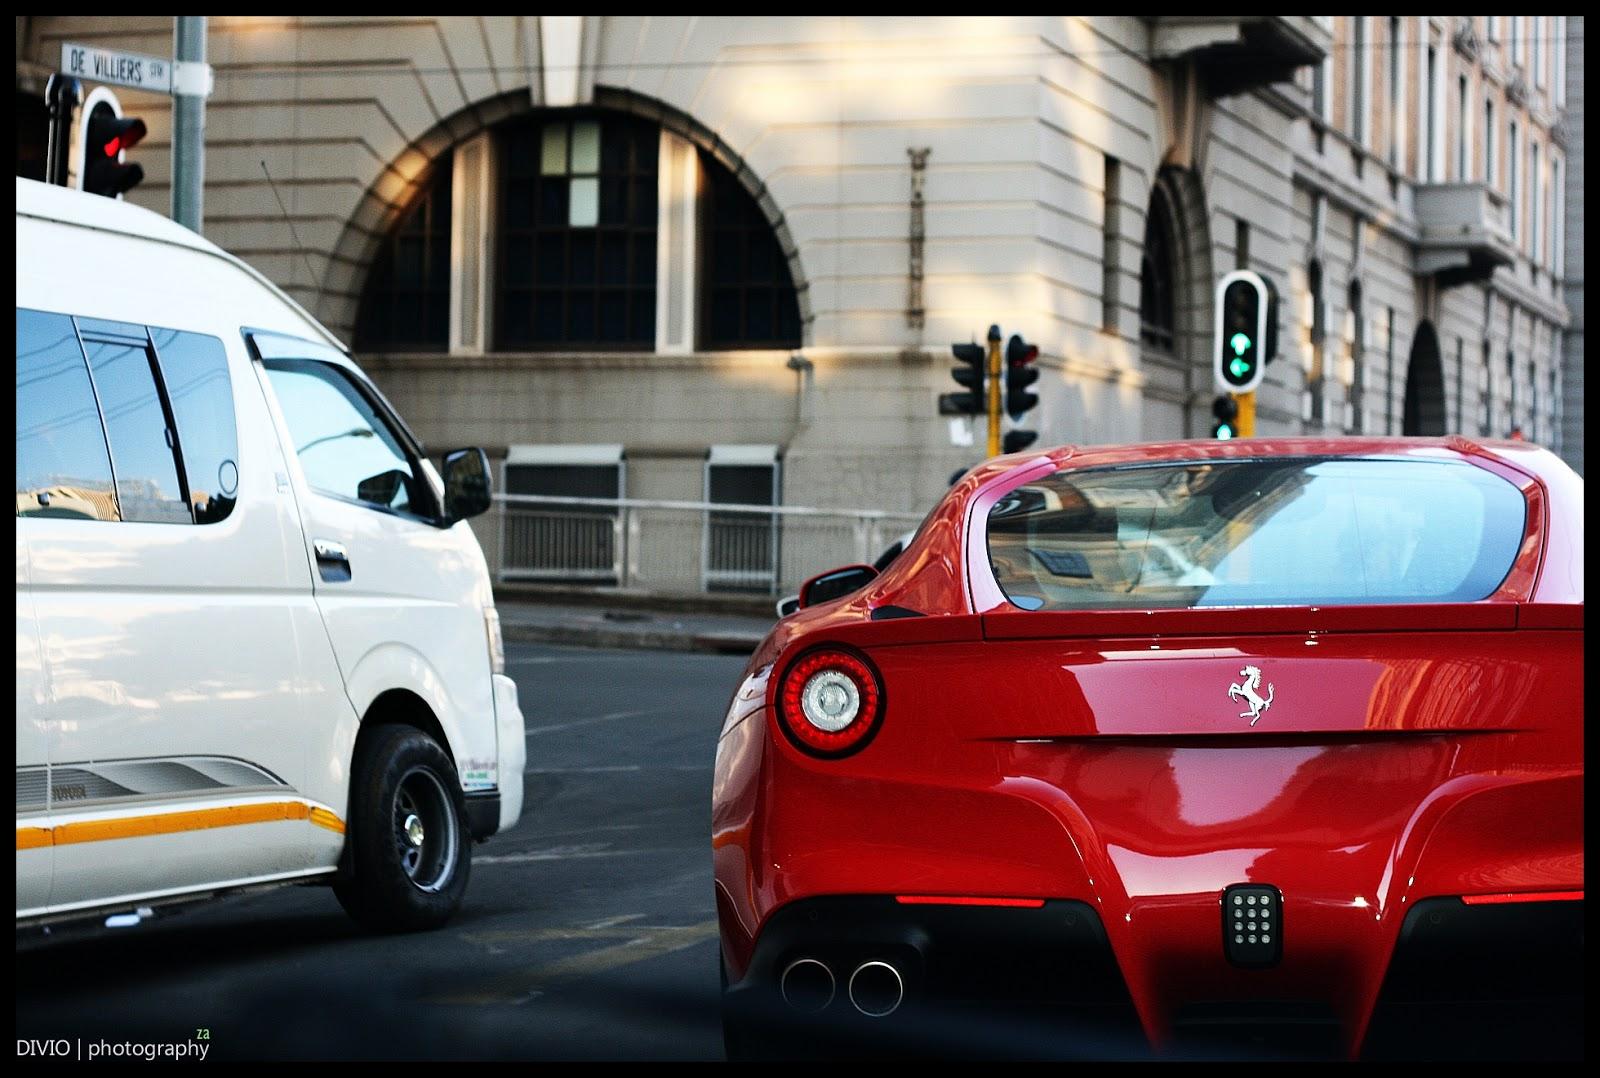 First Ferrari F12 Berlinetta Spotted in South Africa